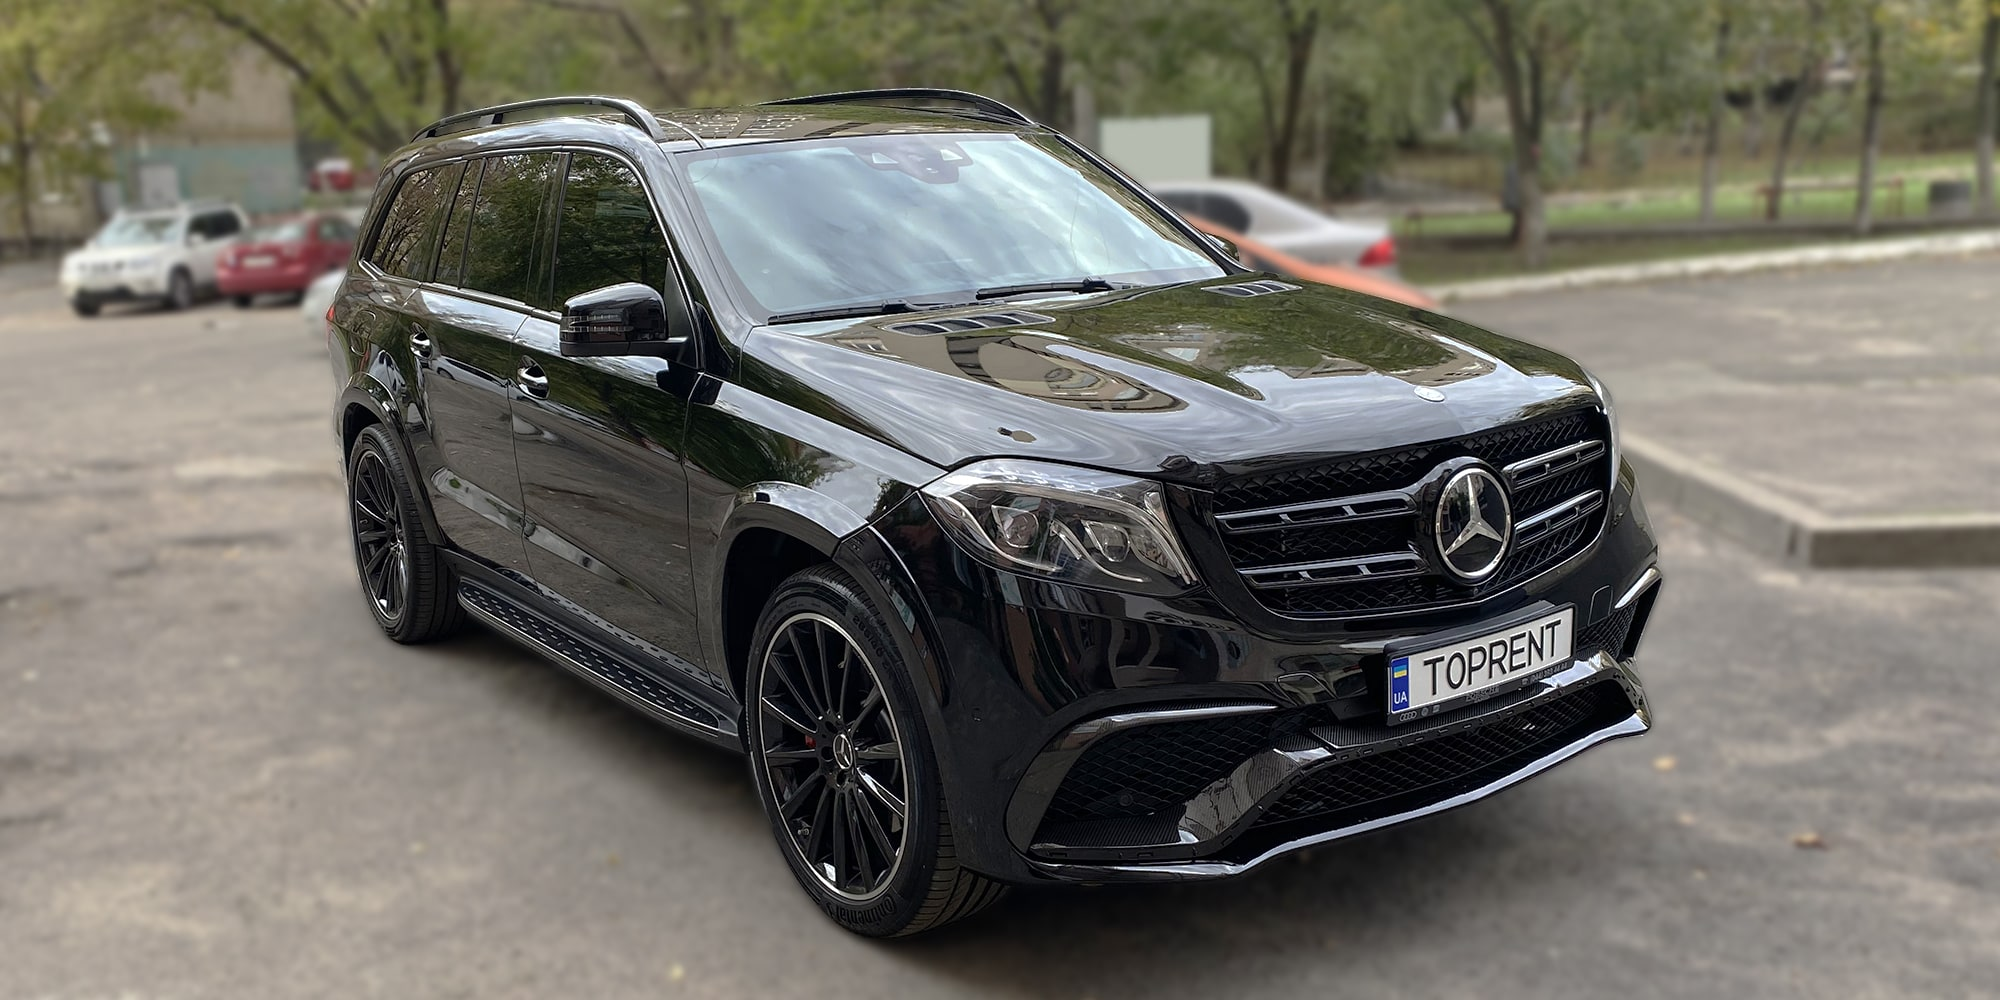 Mercedes-Benz GLS63AMG 5.5 BiTurbo 2017 - TopRent.UA - 1